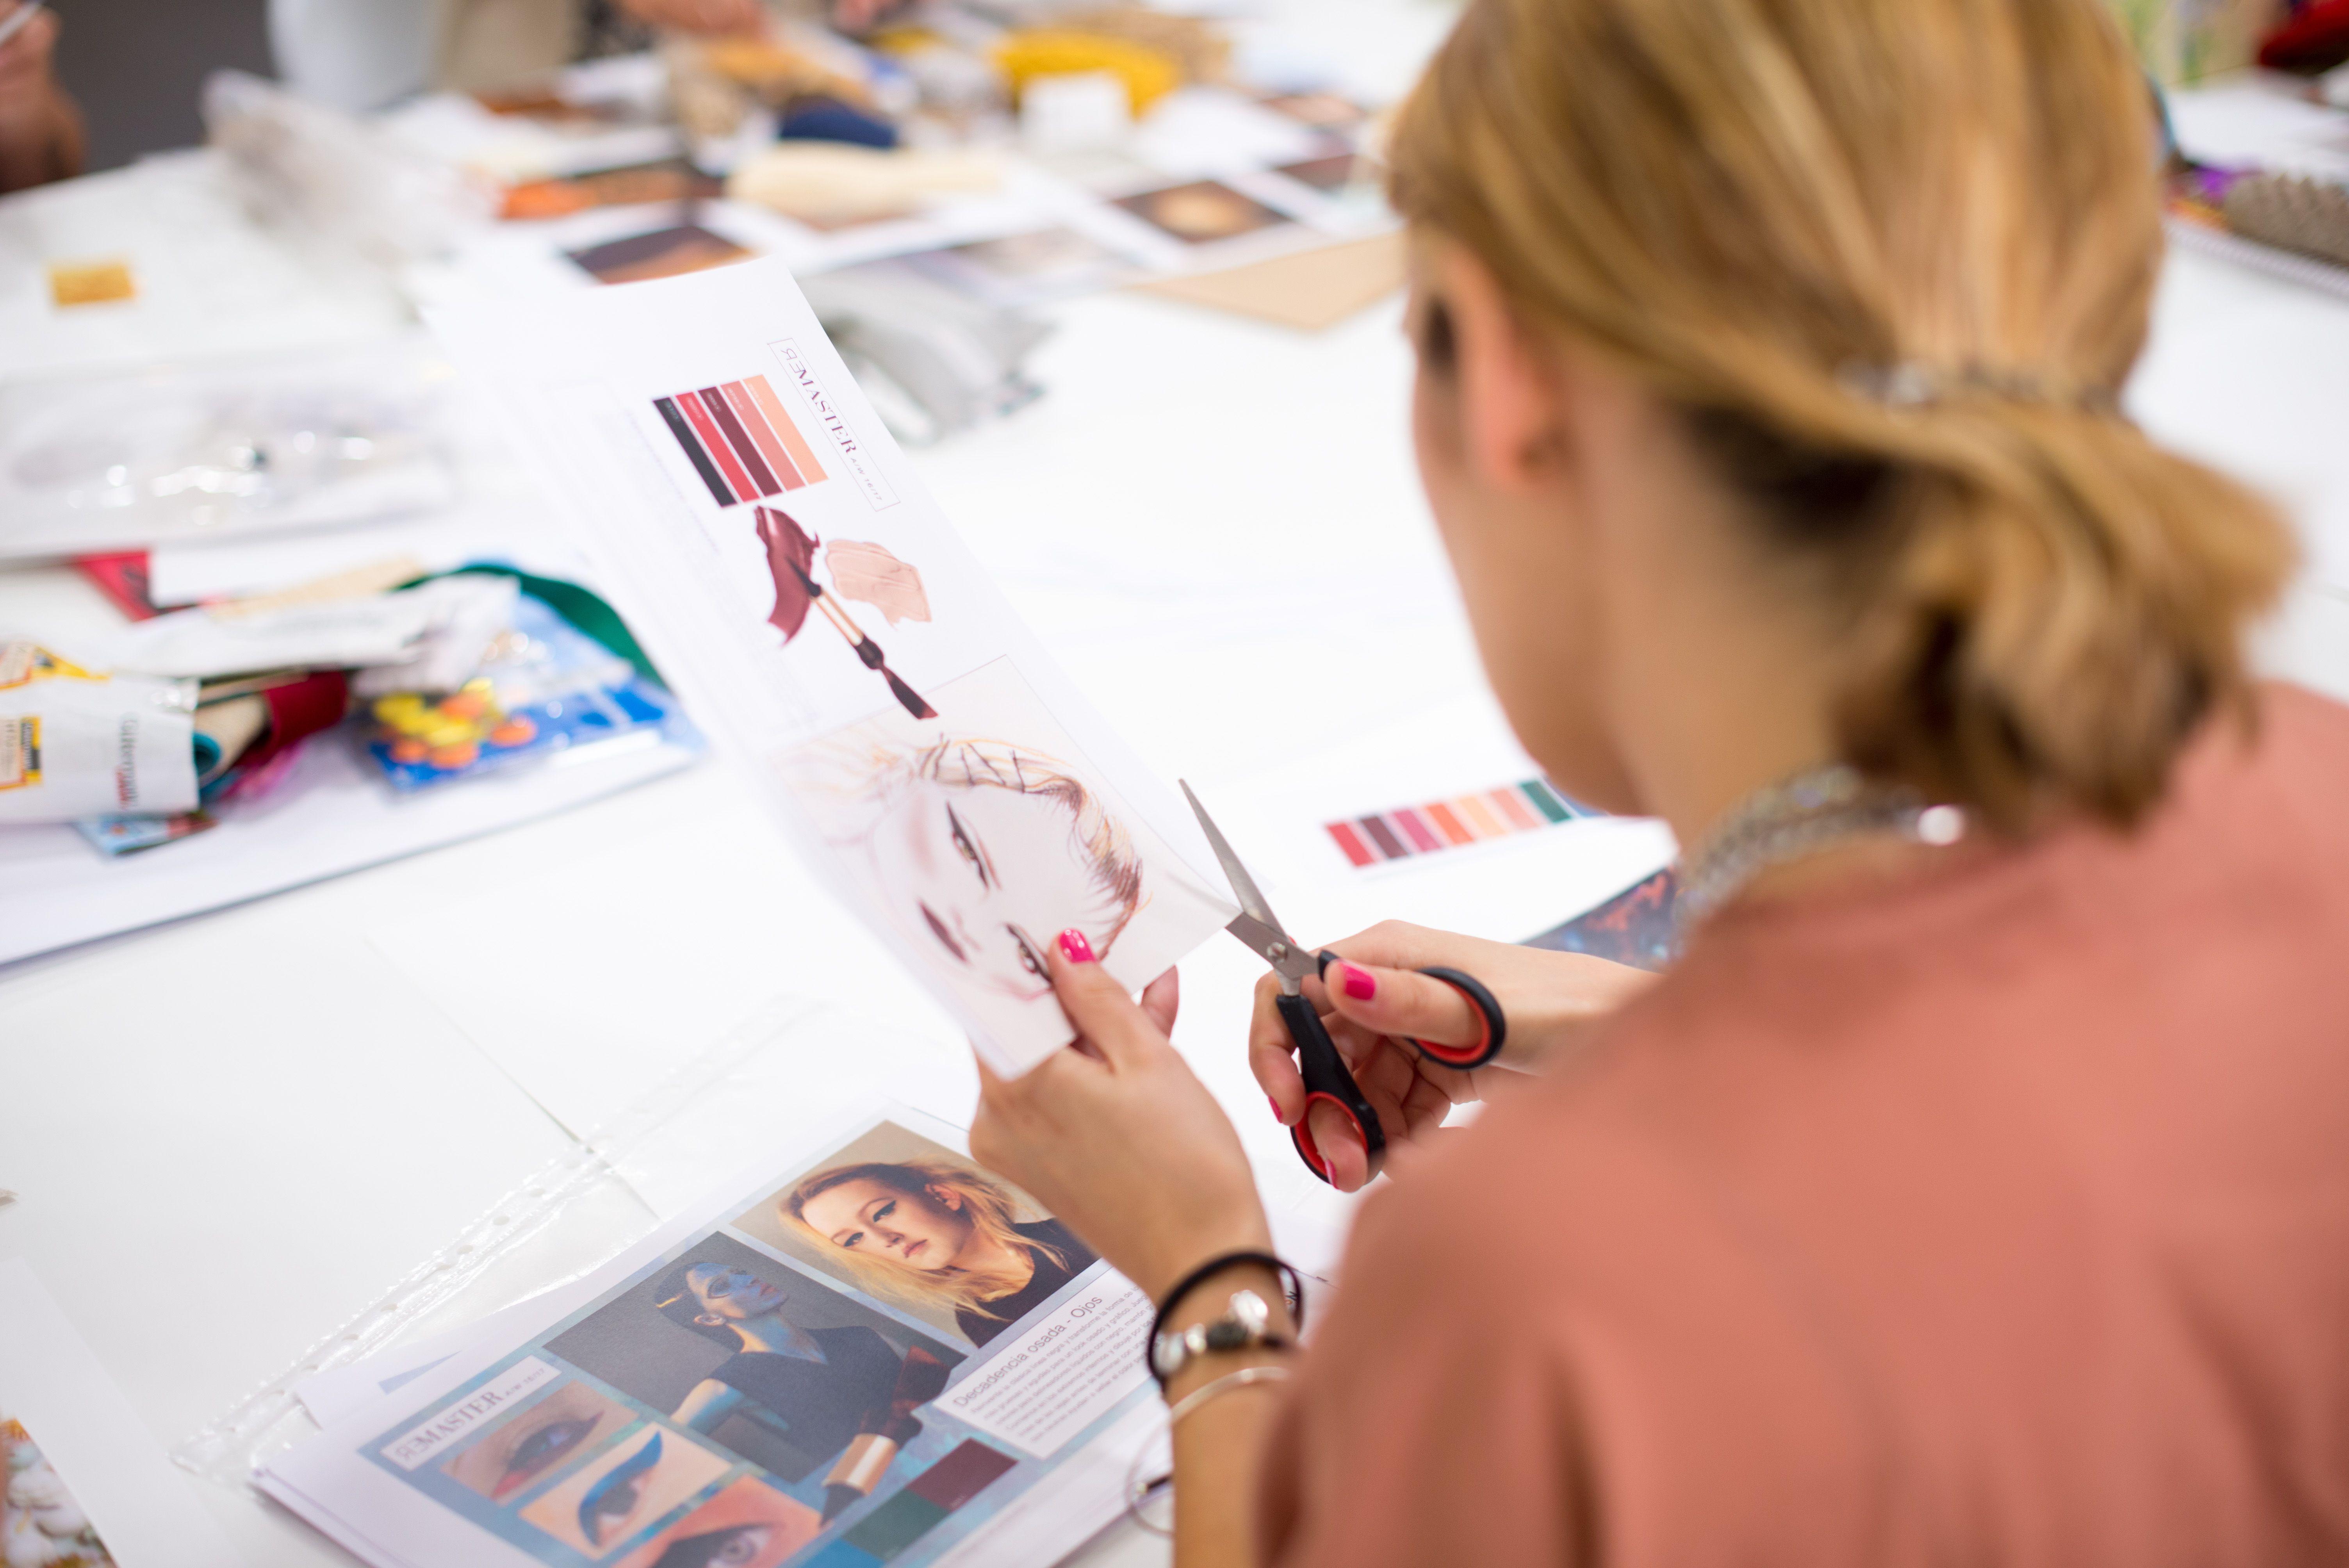 How To Create A Mood Board Workshops THE WORKSHOPS